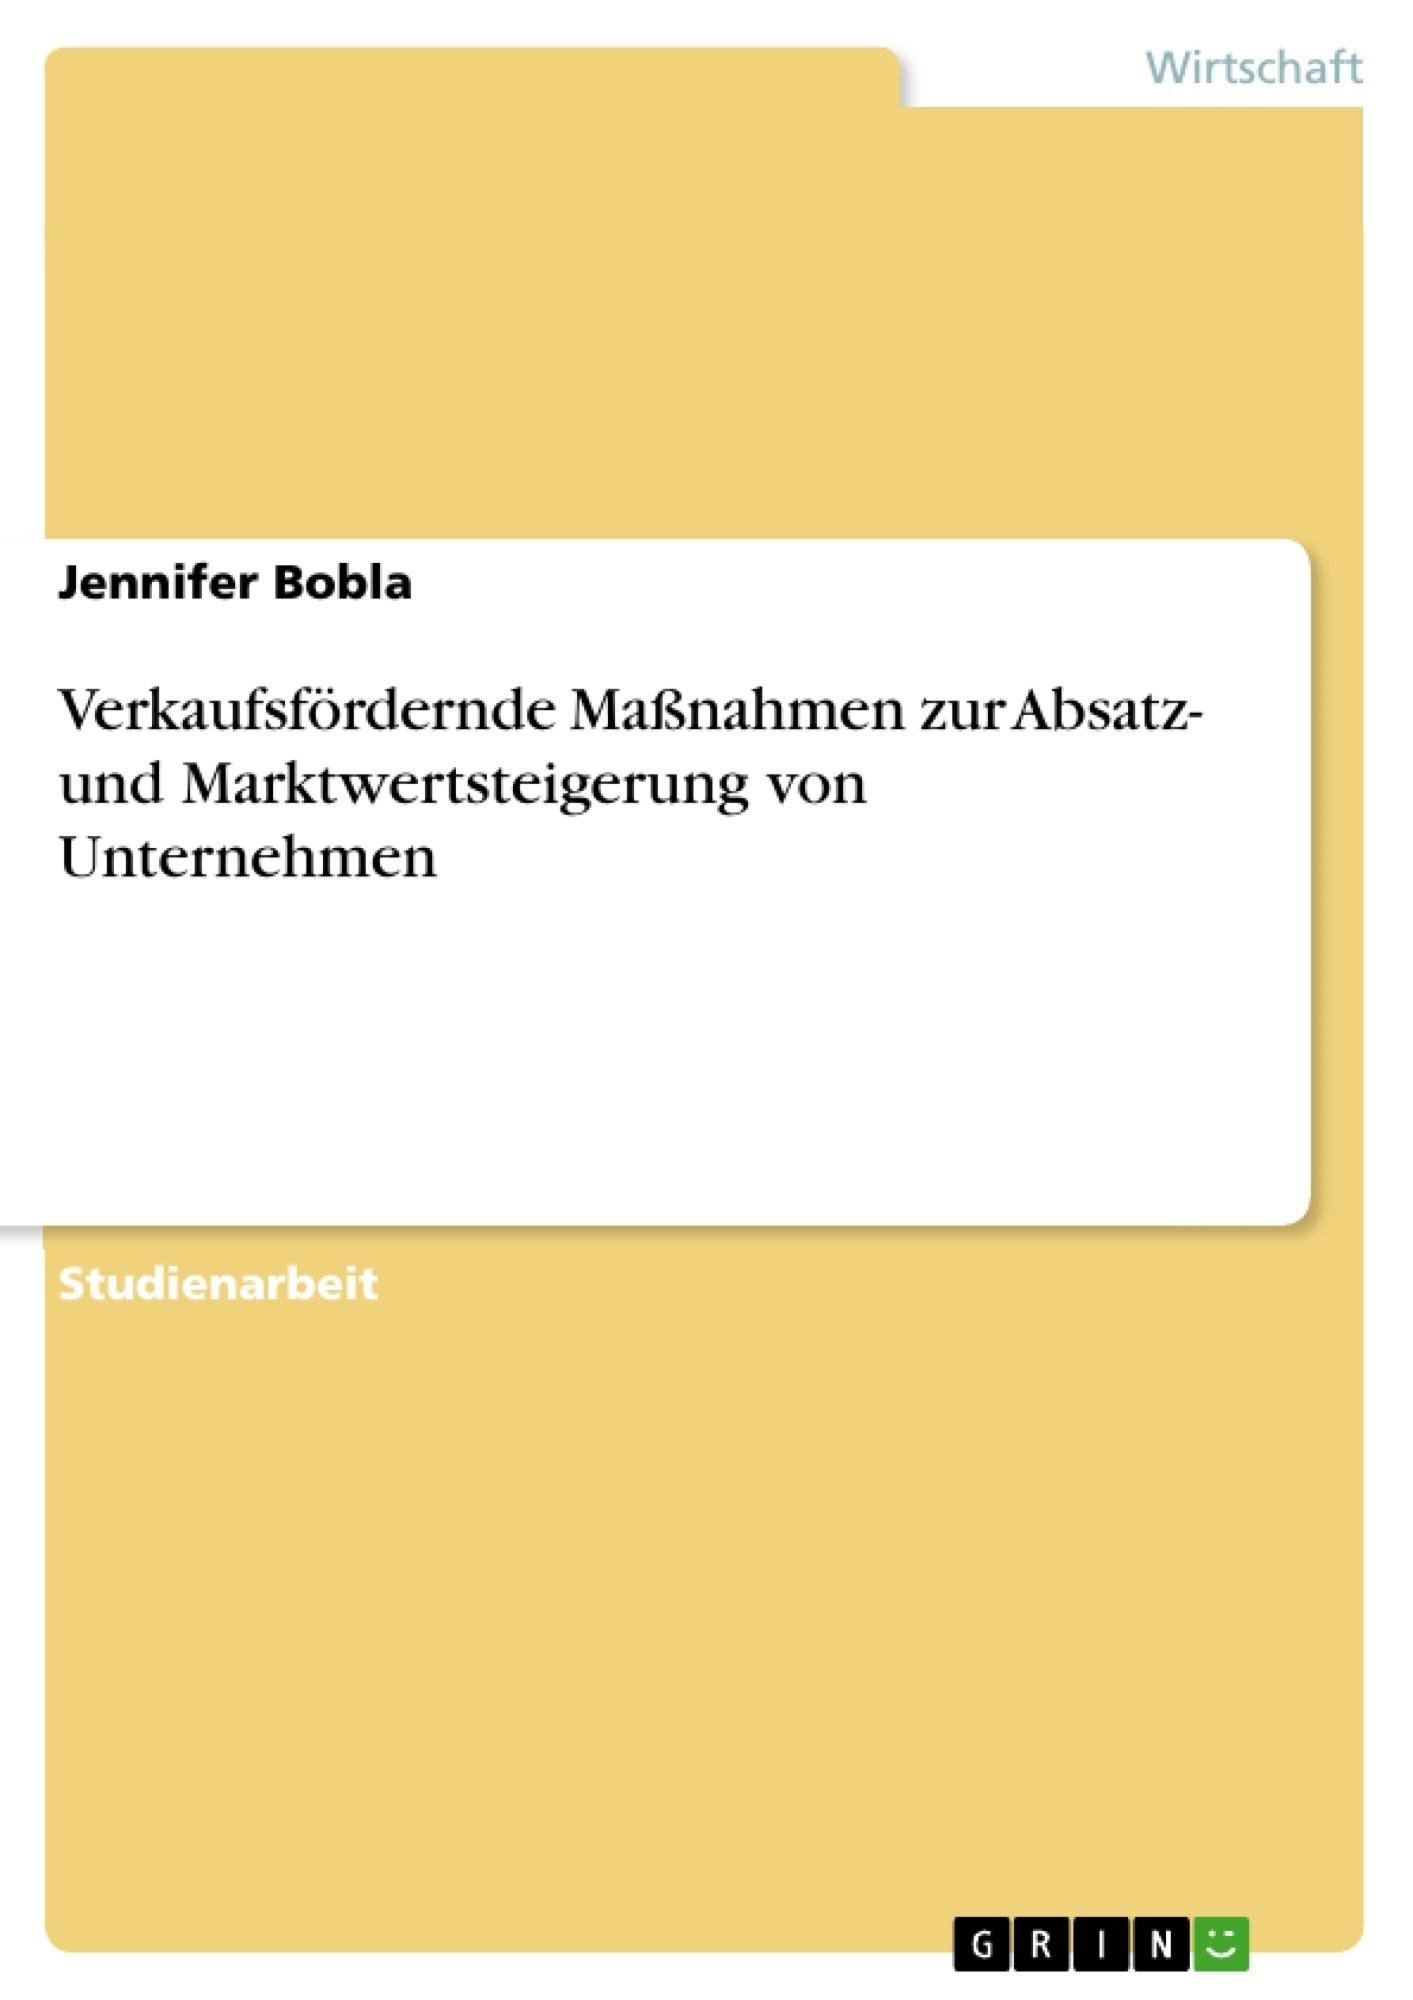 Titel: Verkaufsfördernde Maßnahmen zur Absatz- und Marktwertsteigerung von Unternehmen